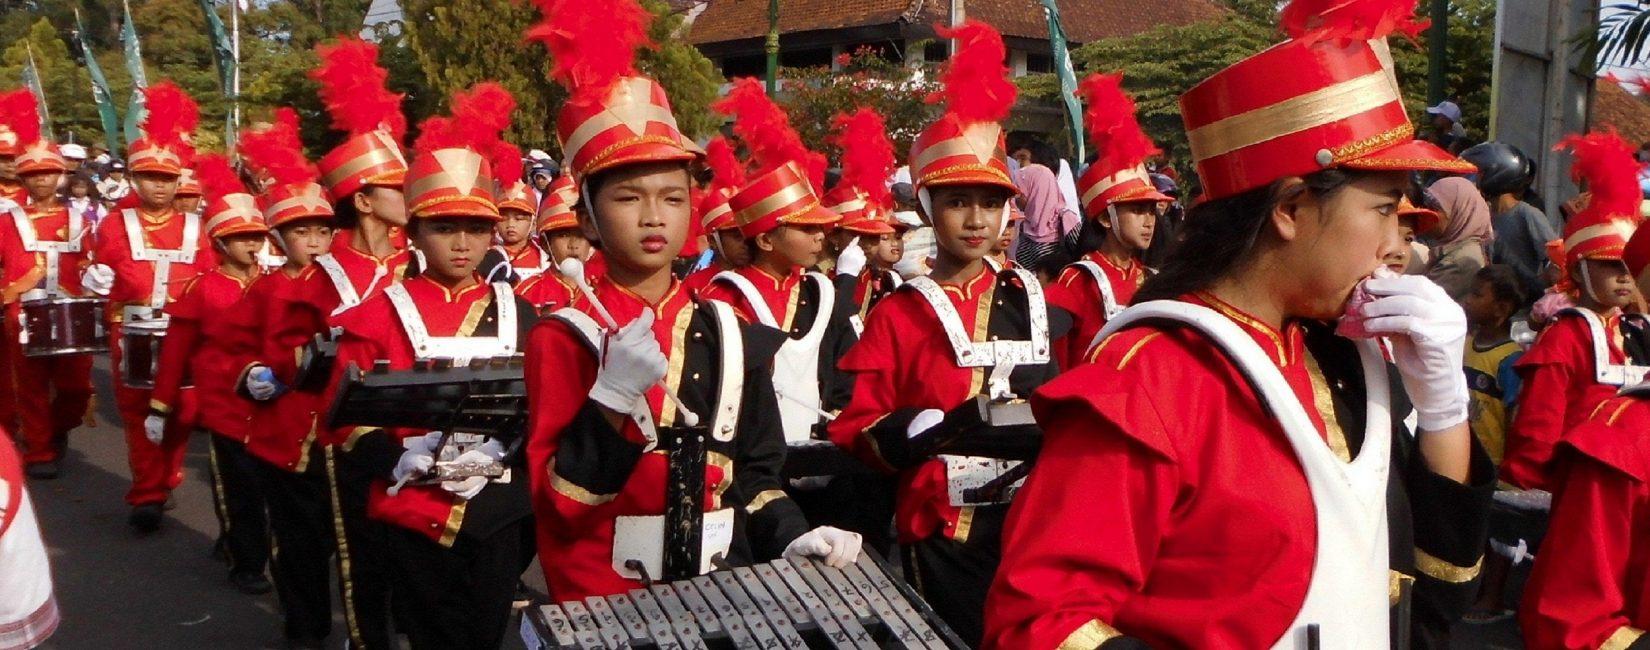 Harga Seragam Drumband | Desain Baju Drumband Terbaru 2018 | Desain Kostum Marching band Terbaru